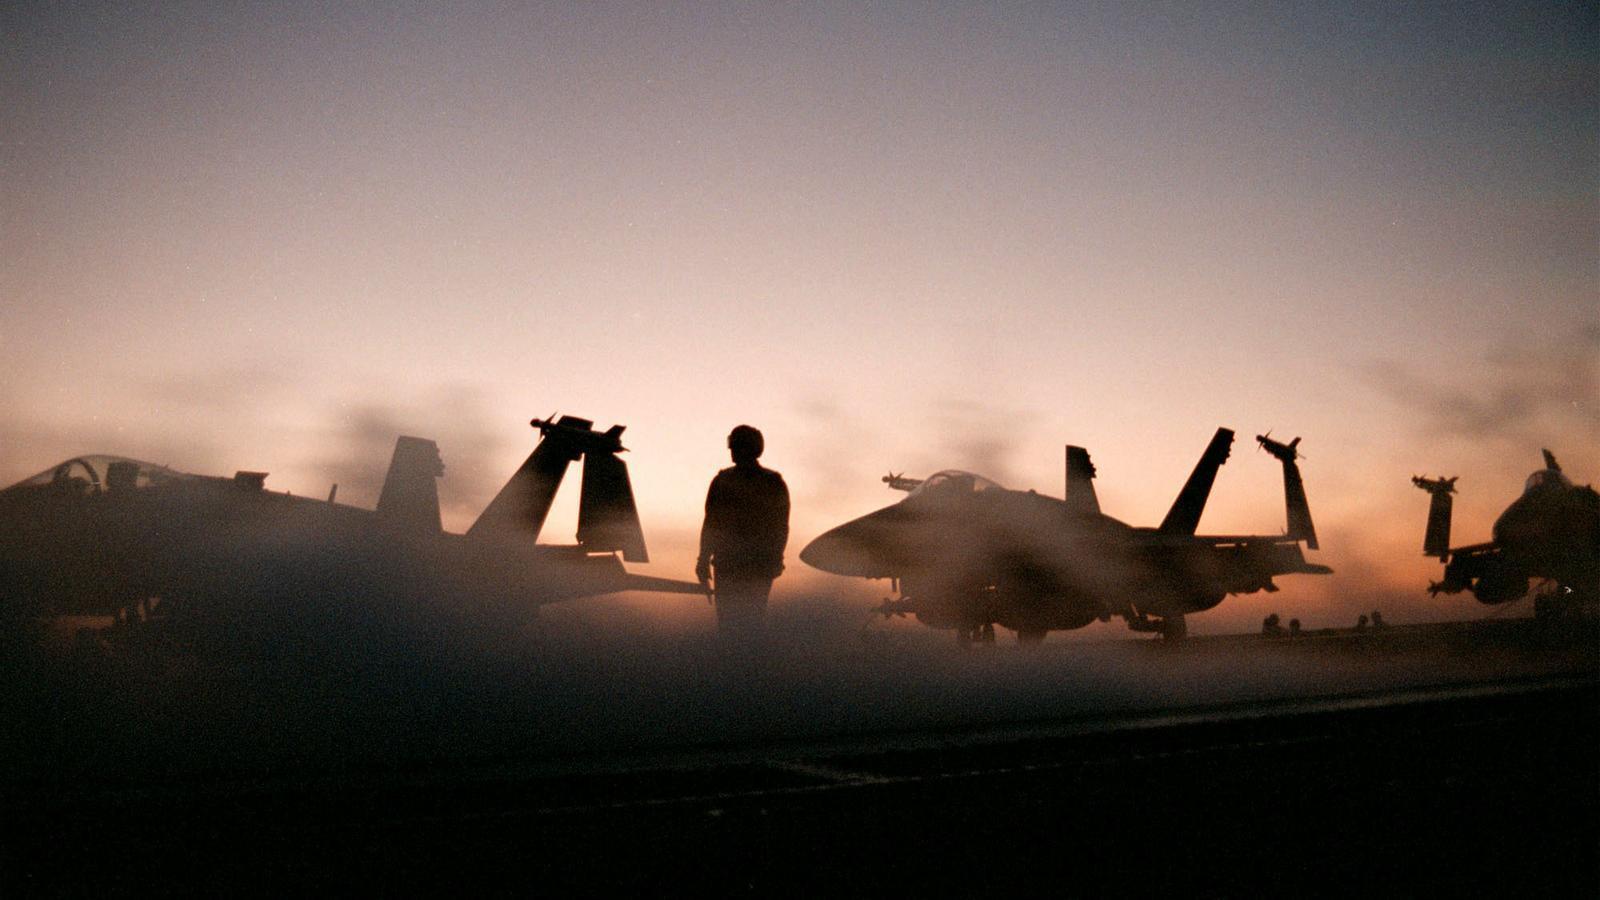 Totes les intervencions militars occidentals són dolentes?